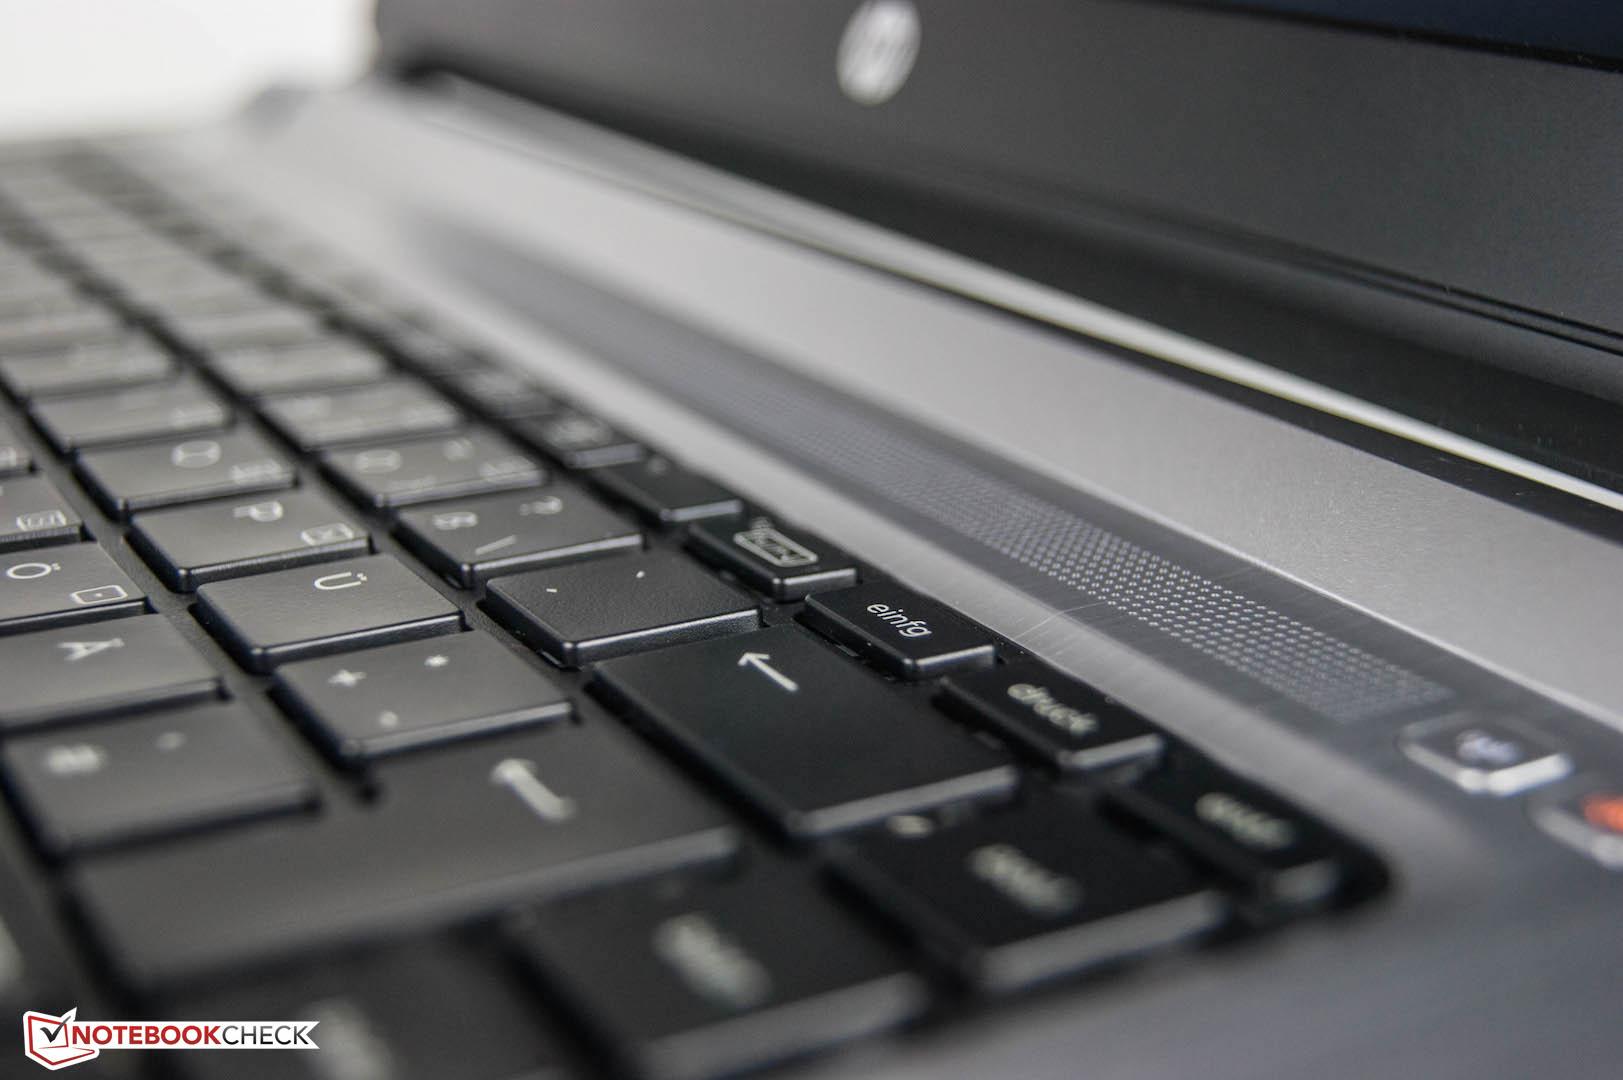 Mạnh mẽ, bền bĩ, tiện lợi hơn với dòng laptop doanh nhân HP Probook 400 Series G3 - 120020